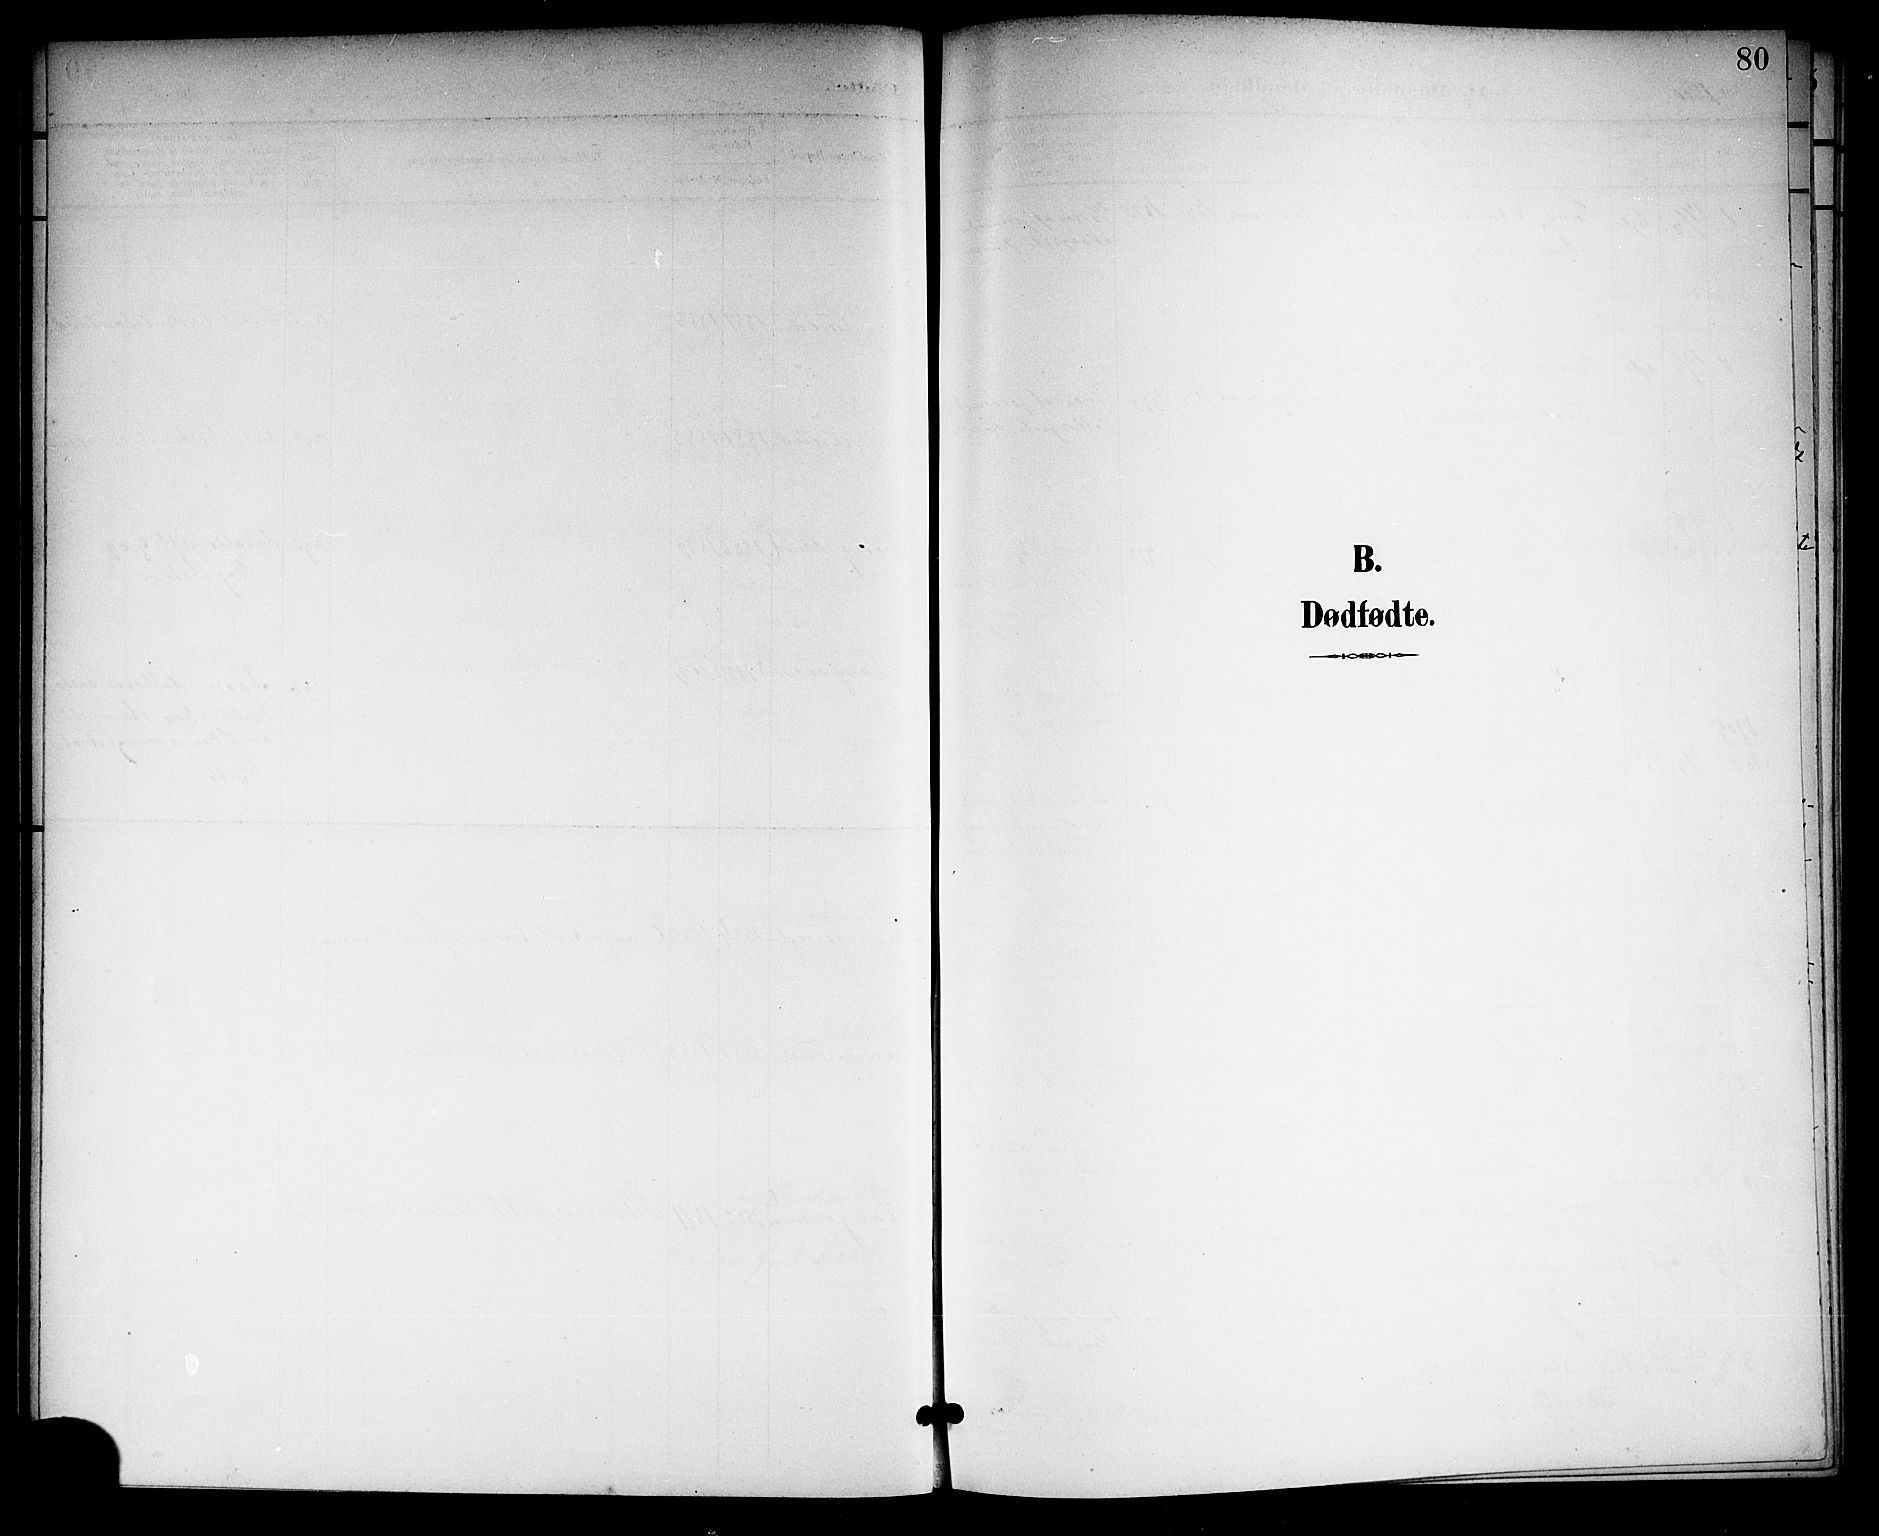 SAKO, Langesund kirkebøker, G/Ga/L0006: Klokkerbok nr. 6, 1899-1918, s. 80